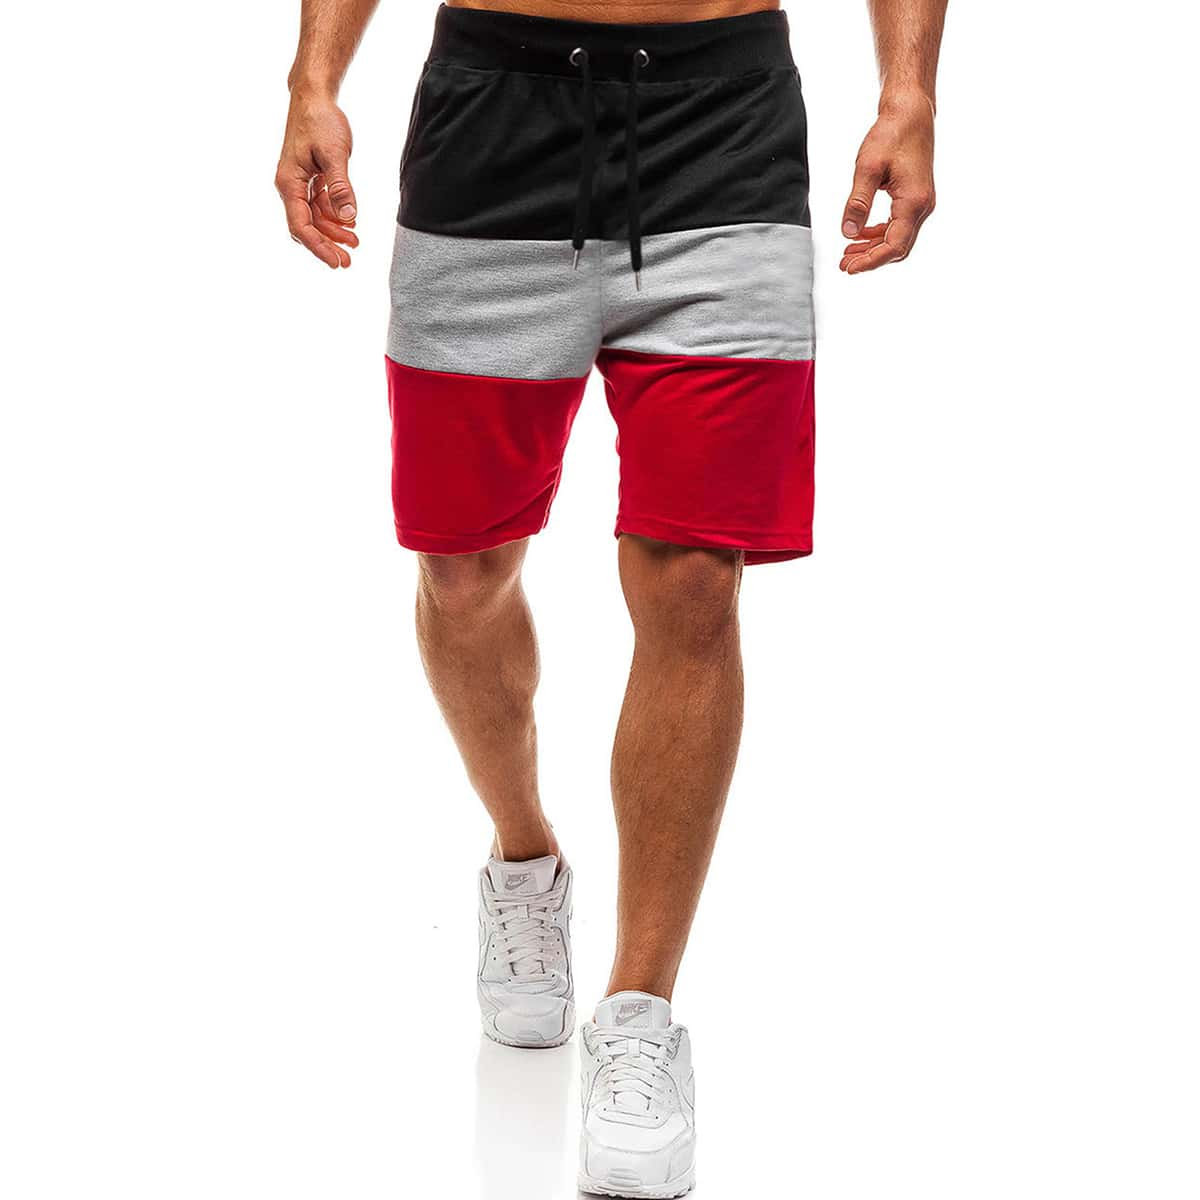 Мужские контрастные шорты фото